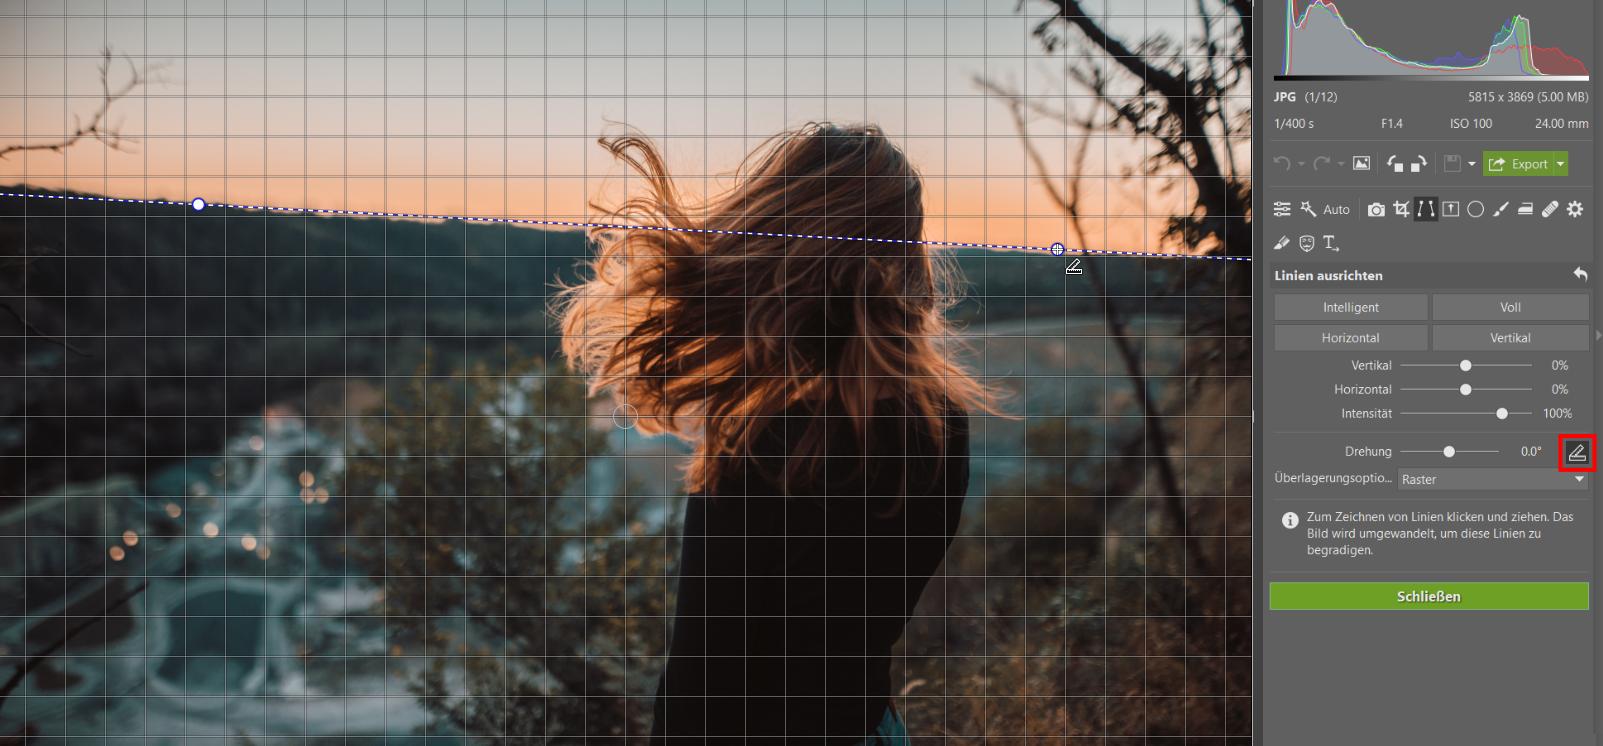 Sind Ihre Fotos schief? Richten Sie den Horizont und die Perspektive aus